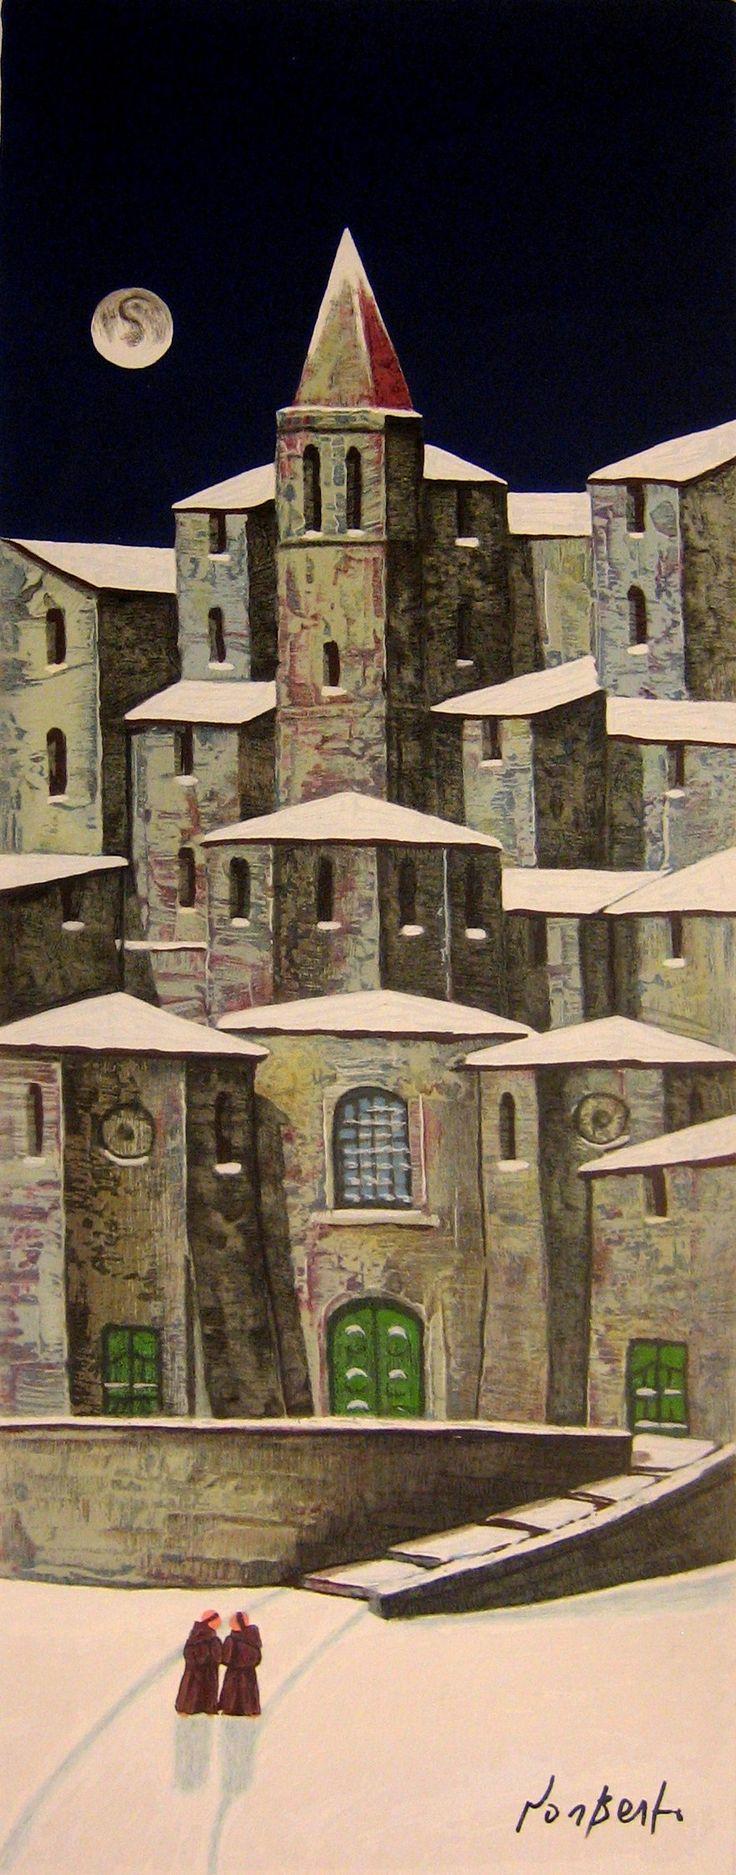 norberto pittore - Cerca con Google